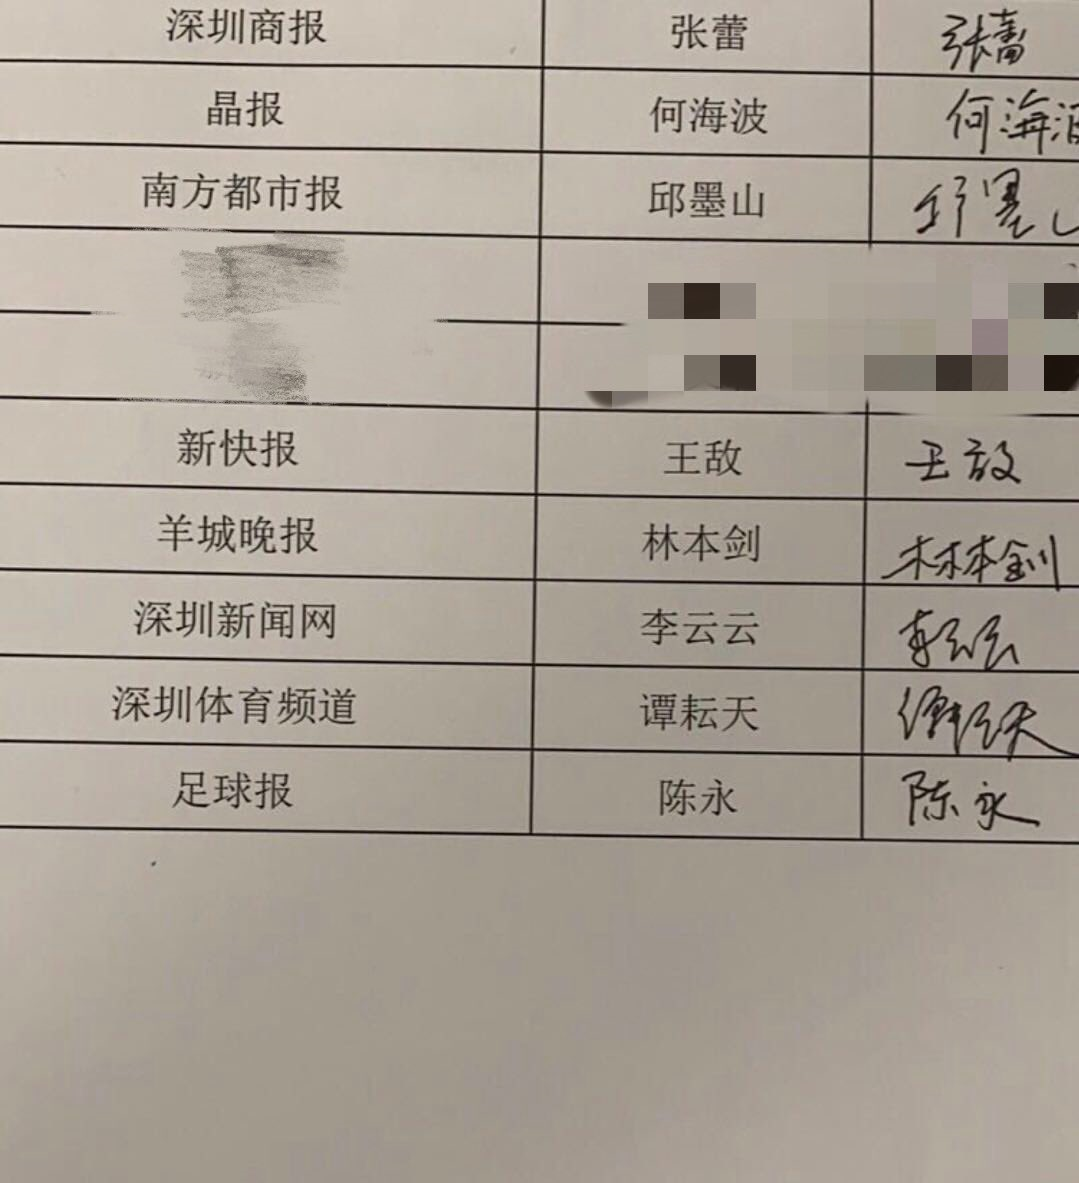 深足否认雇人诋毁天海!爆料记者已连夜删帖 第6张